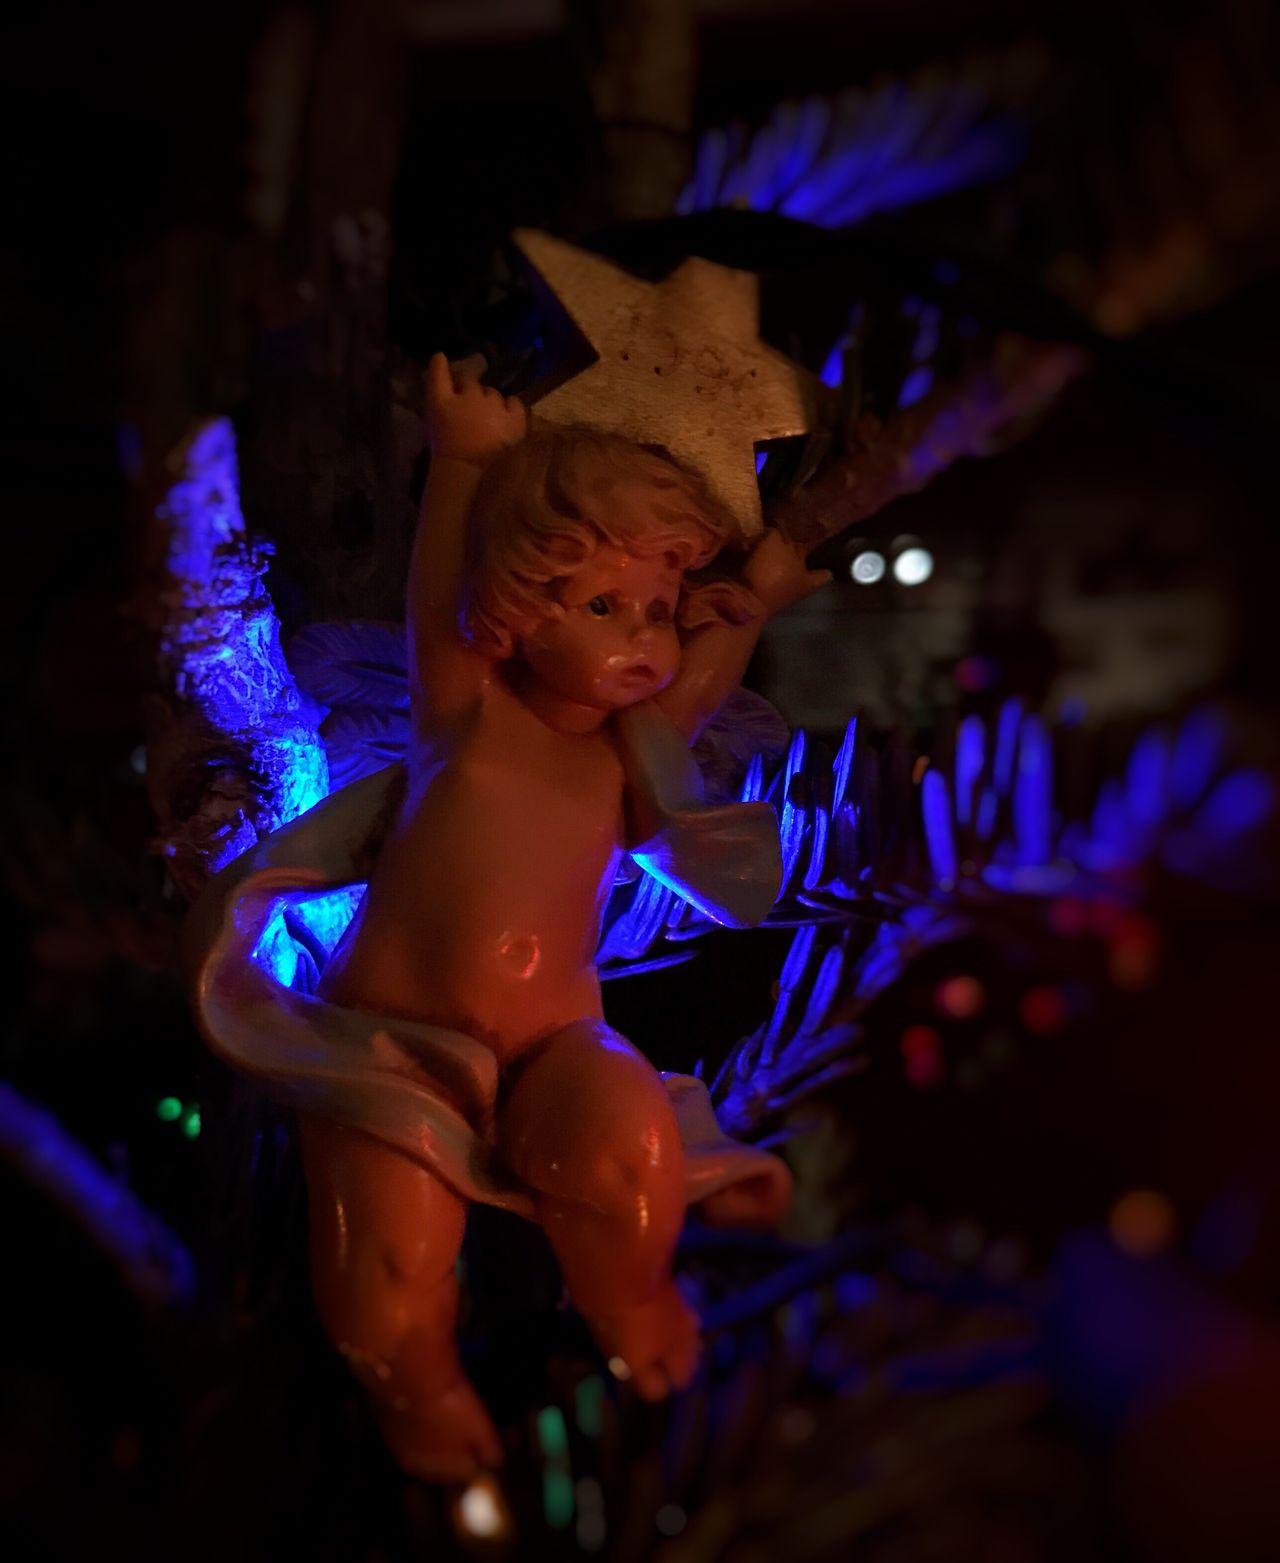 Holiday Holidays Christmas Lights Christmas Decorations Angel Holiday Lights Christmas Tree Blue Lights  Blue Light Holiday Lighting Holiday House Fresh On Eyeem